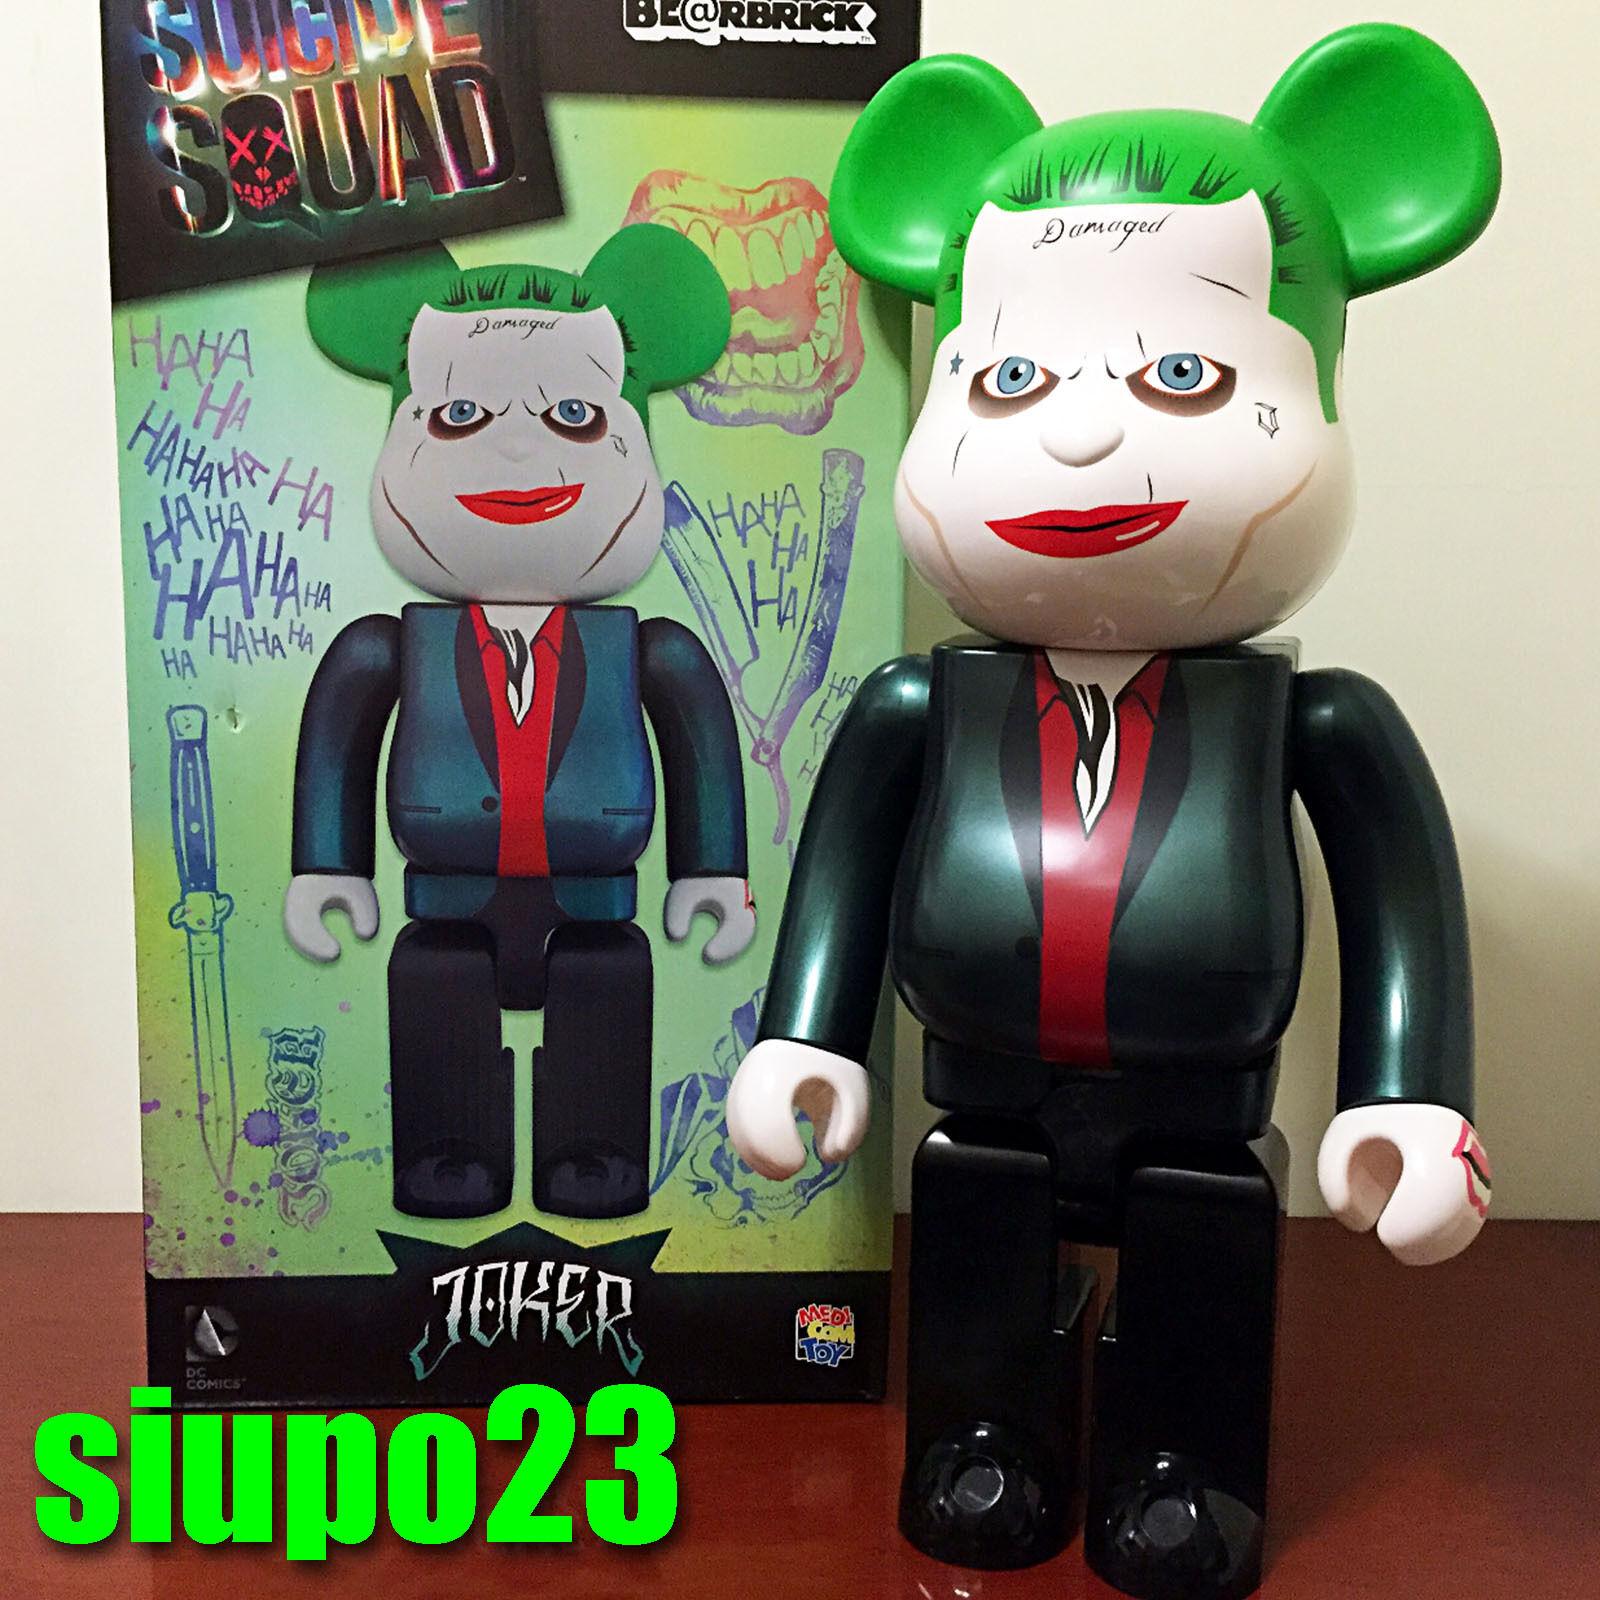 Medicom 1000% orsoBRICK  il Joker Be@rbrick SQUADRA SUICIDA